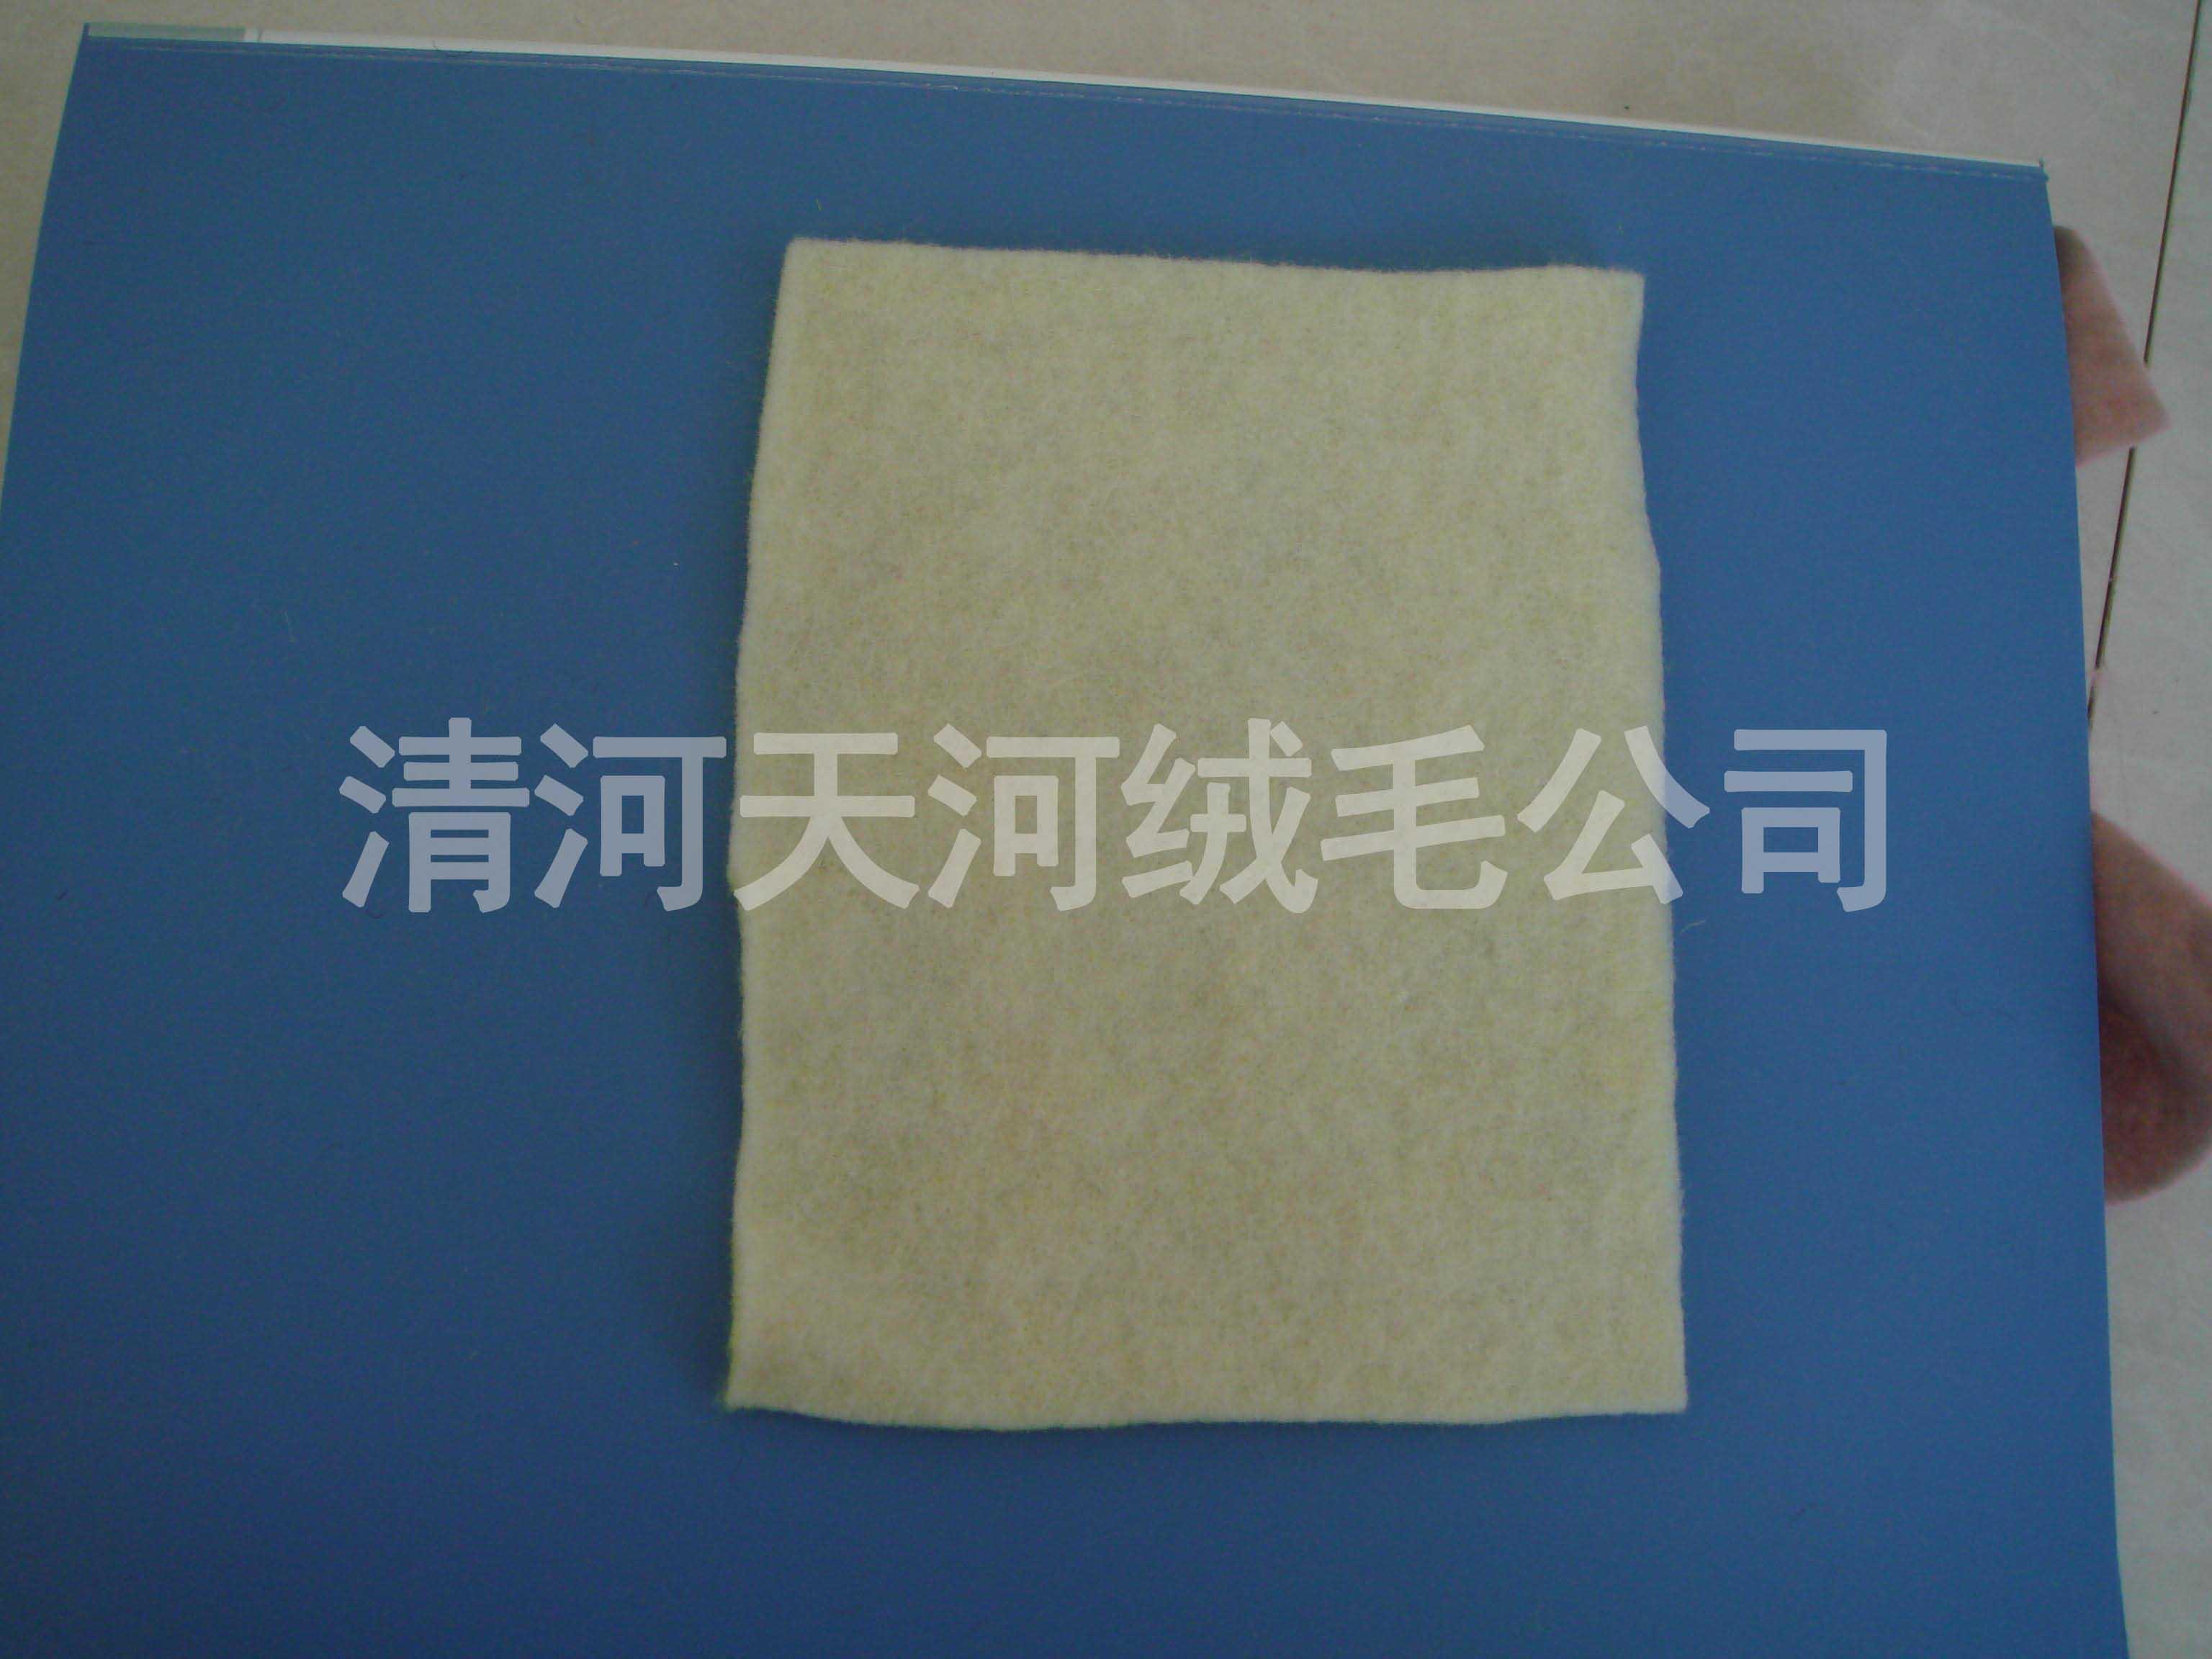 天河绒毛制品公司性价比高的羊毛絮片服装样品图海量出售——北京羊毛絮片服装样品图